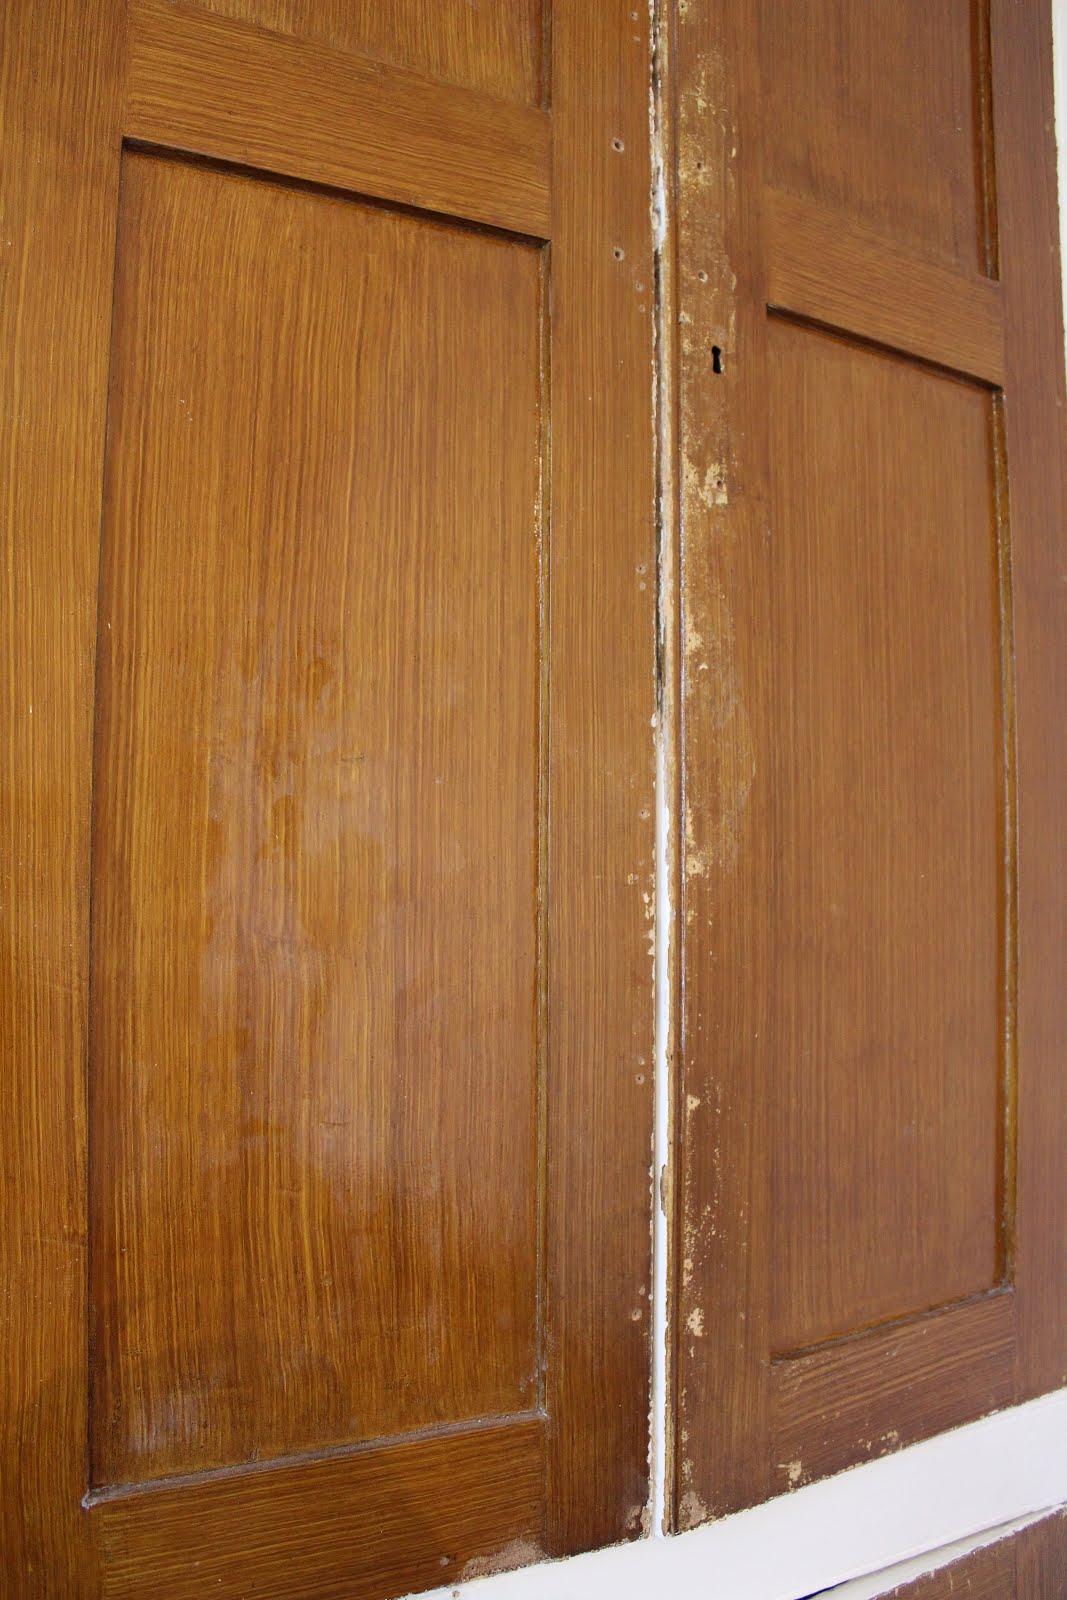 Victorian cupboard doors